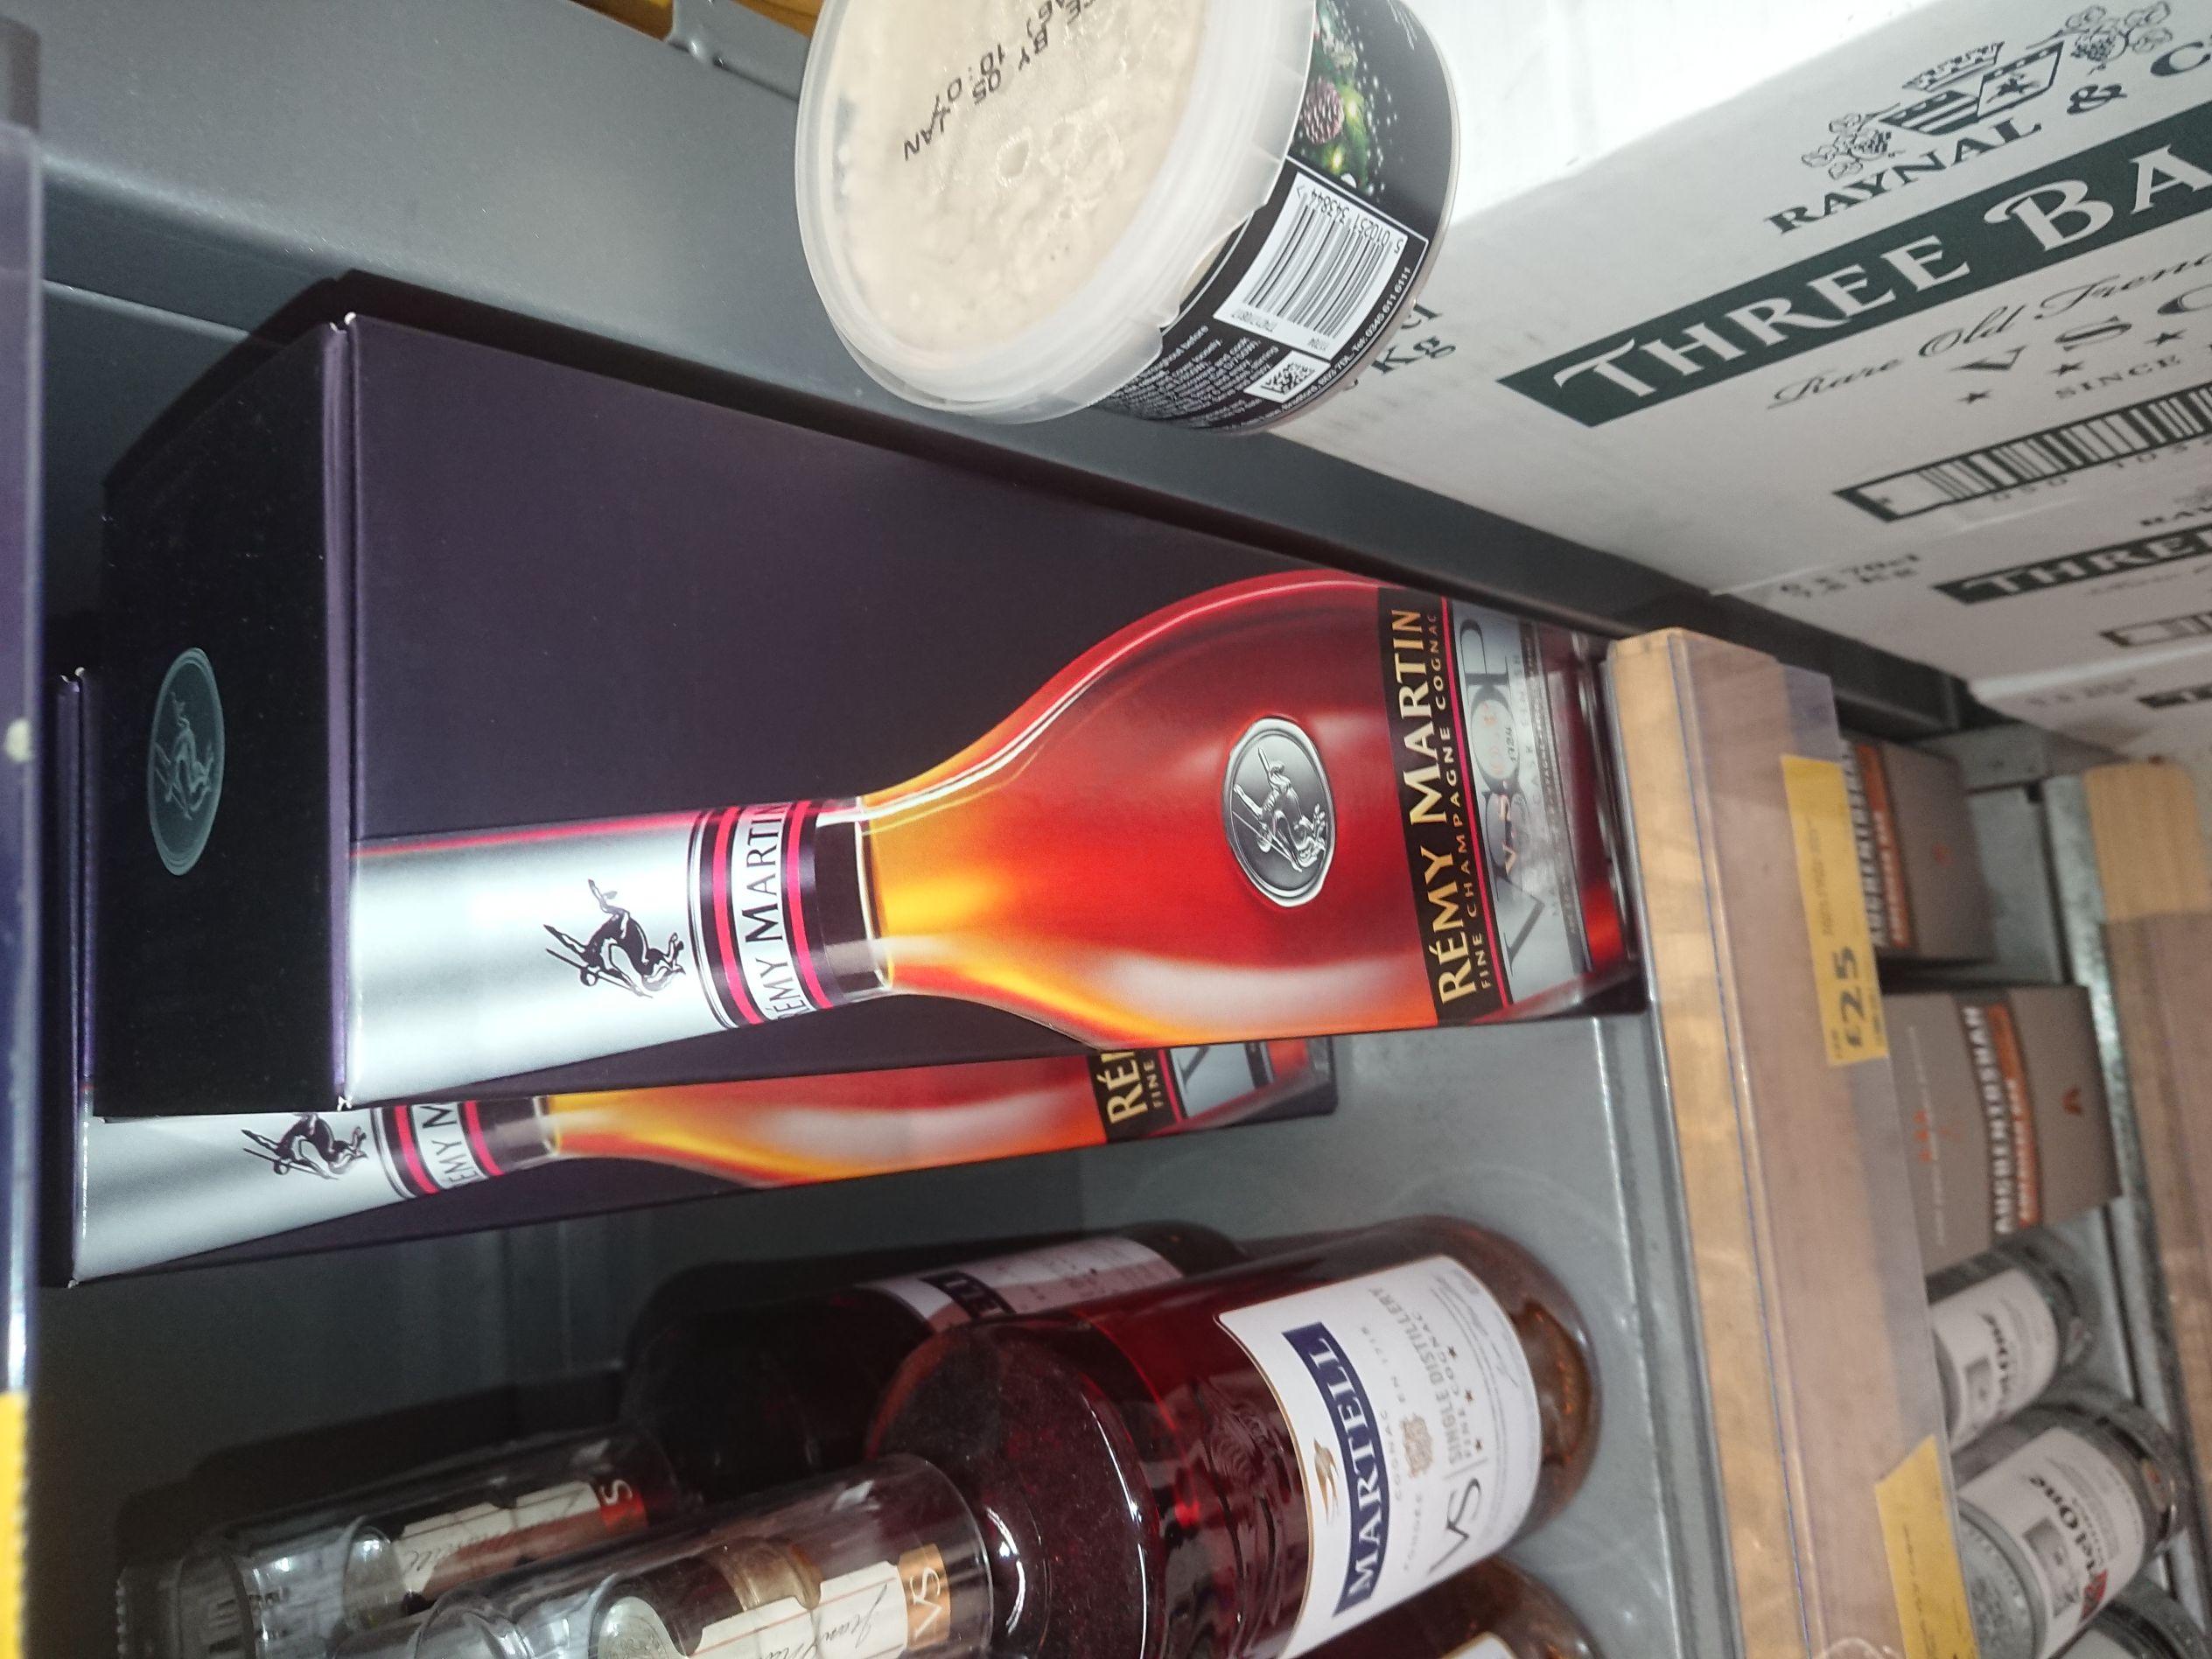 Remy Martin VSOP Champagne Cognac 70 cl £25 Morrison s